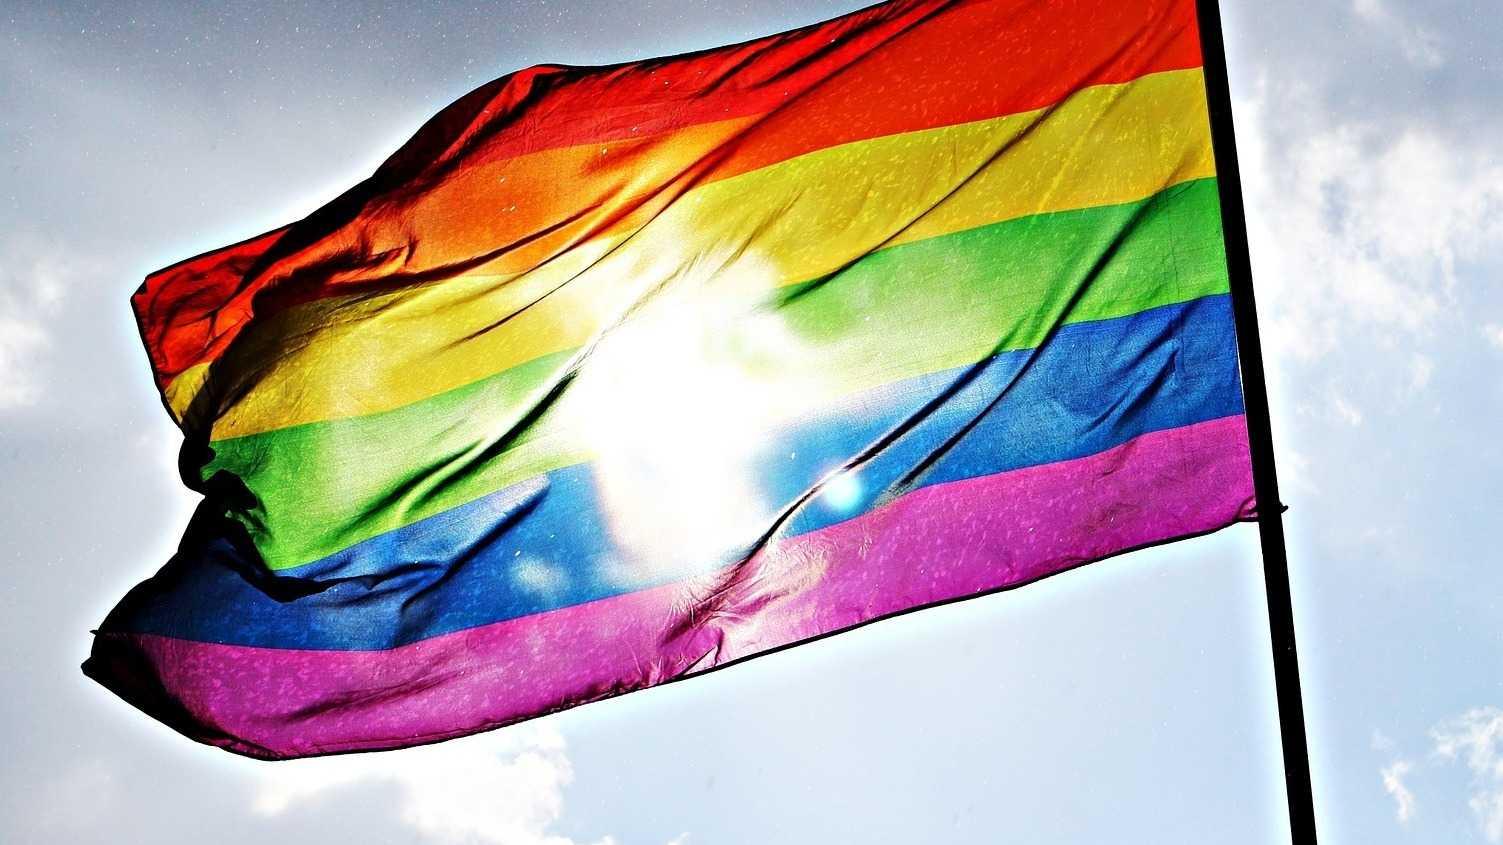 Äygpten: Verhaftungswelle gegen LGBTQ-Bewegung dank Internet und Dating-Apps